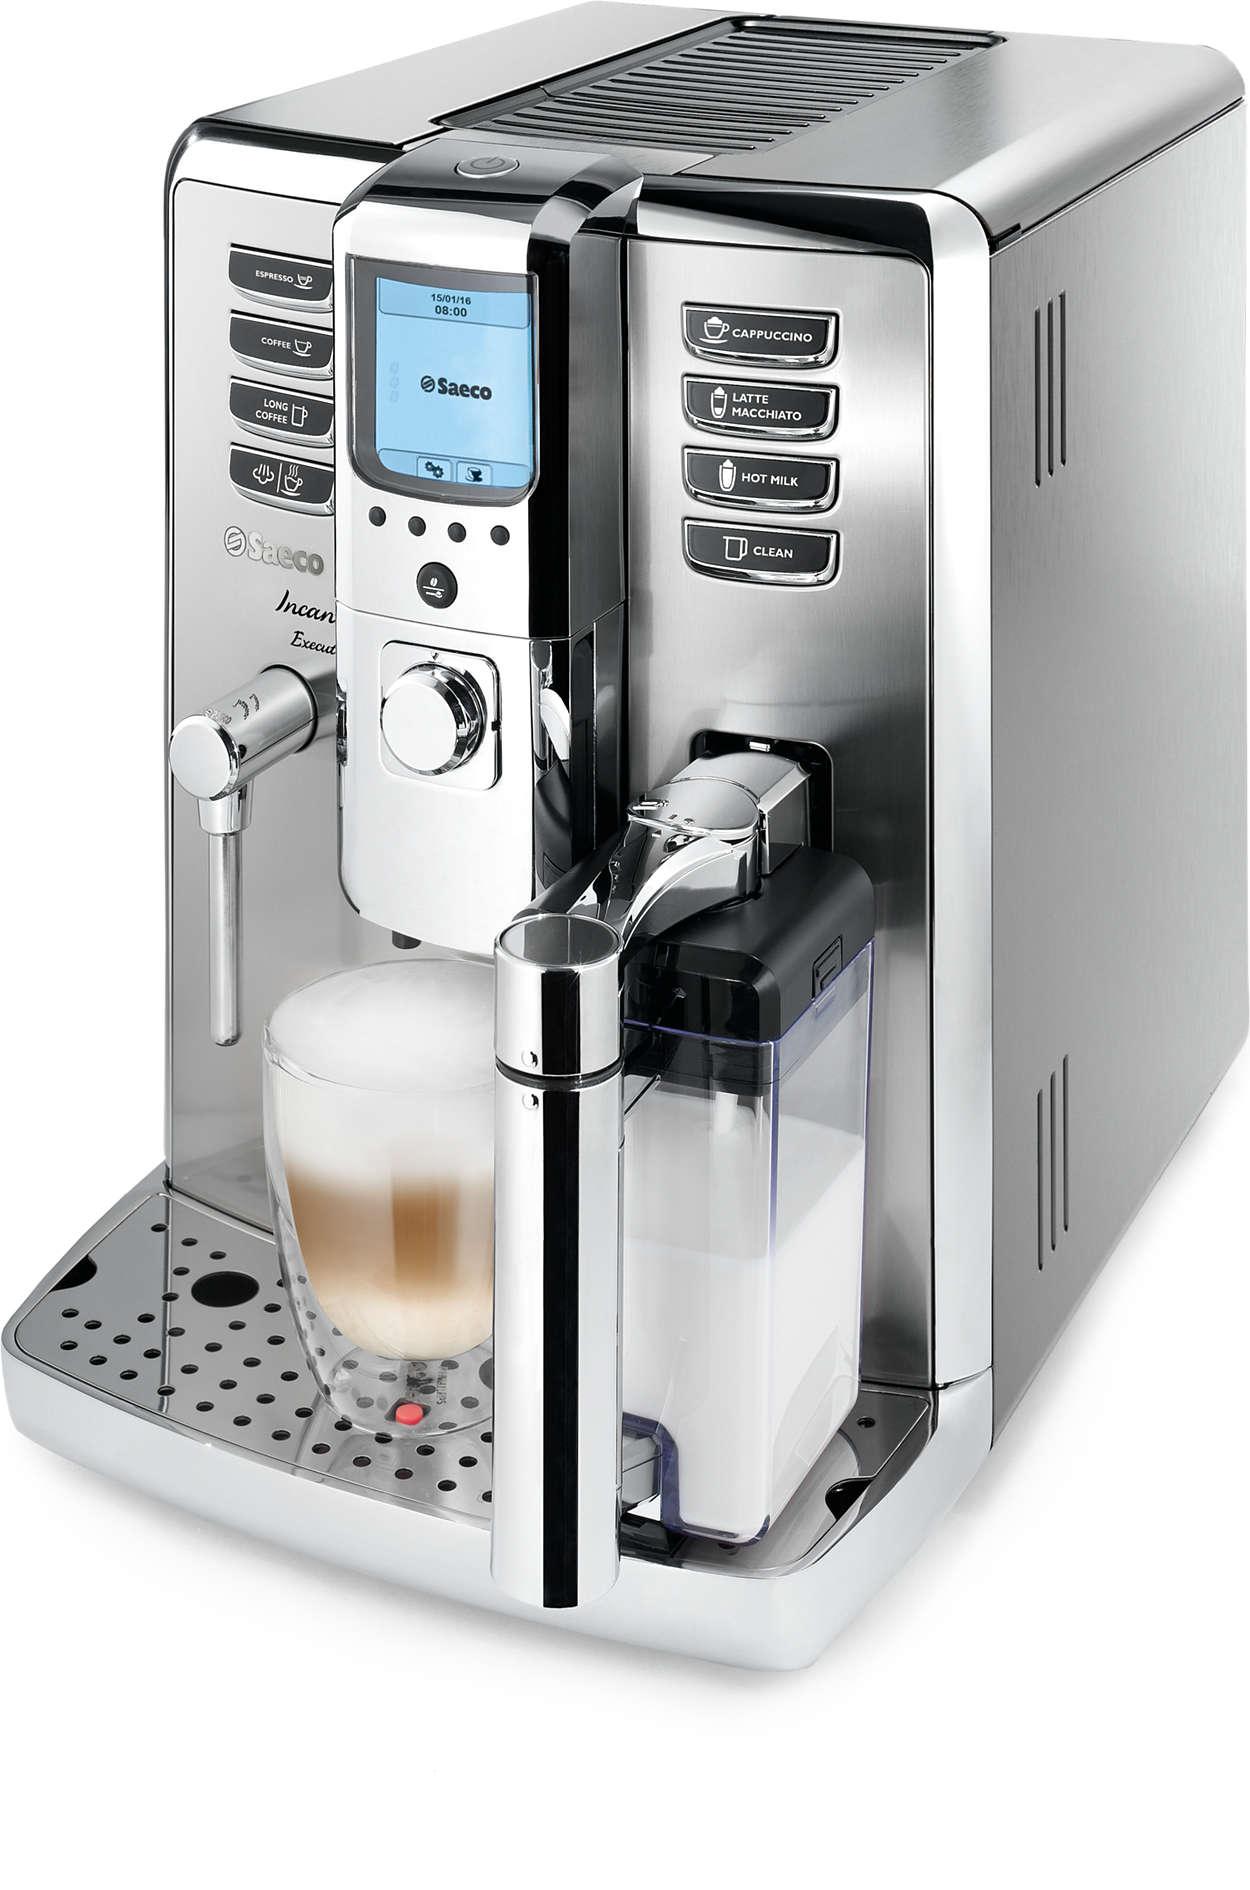 Mėgaukitės profesionaliai paruošta espreso kava namuose